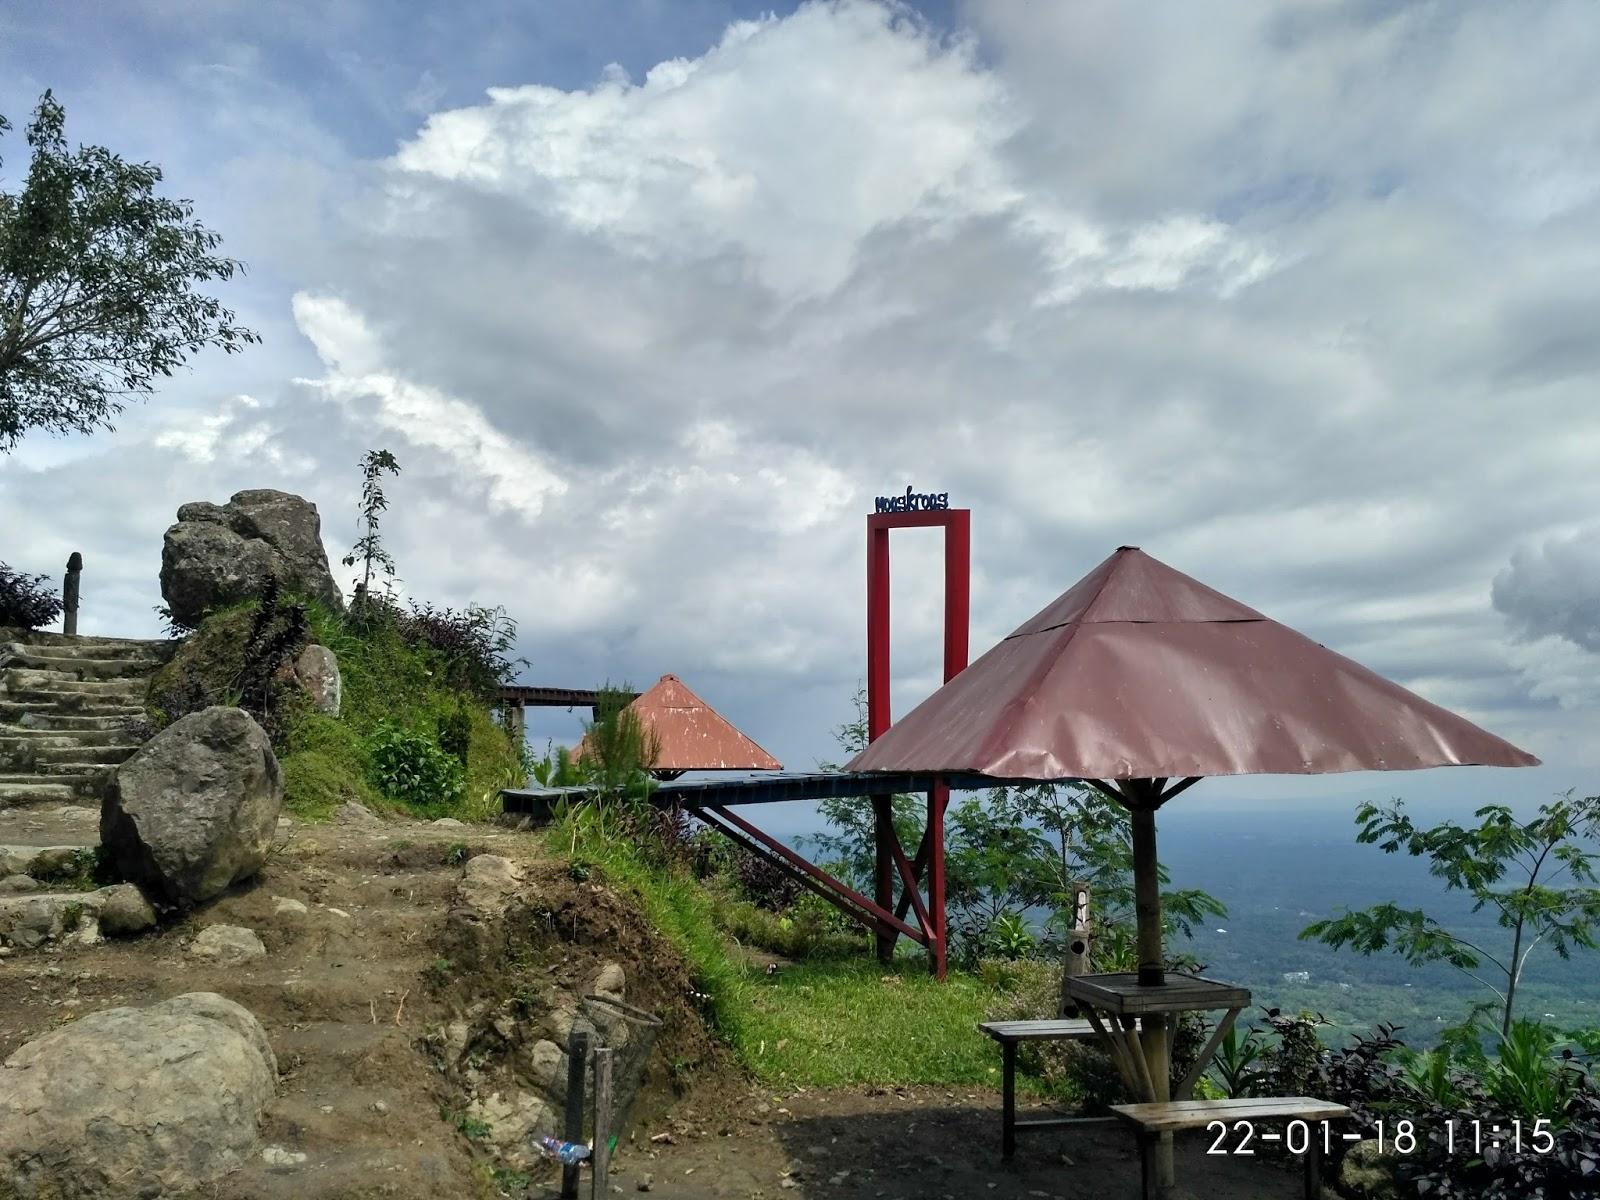 Menikmati Keindahan Alam Pegunungan Menoreh Punthuk Mongkrong Tempat Berteduh Photo